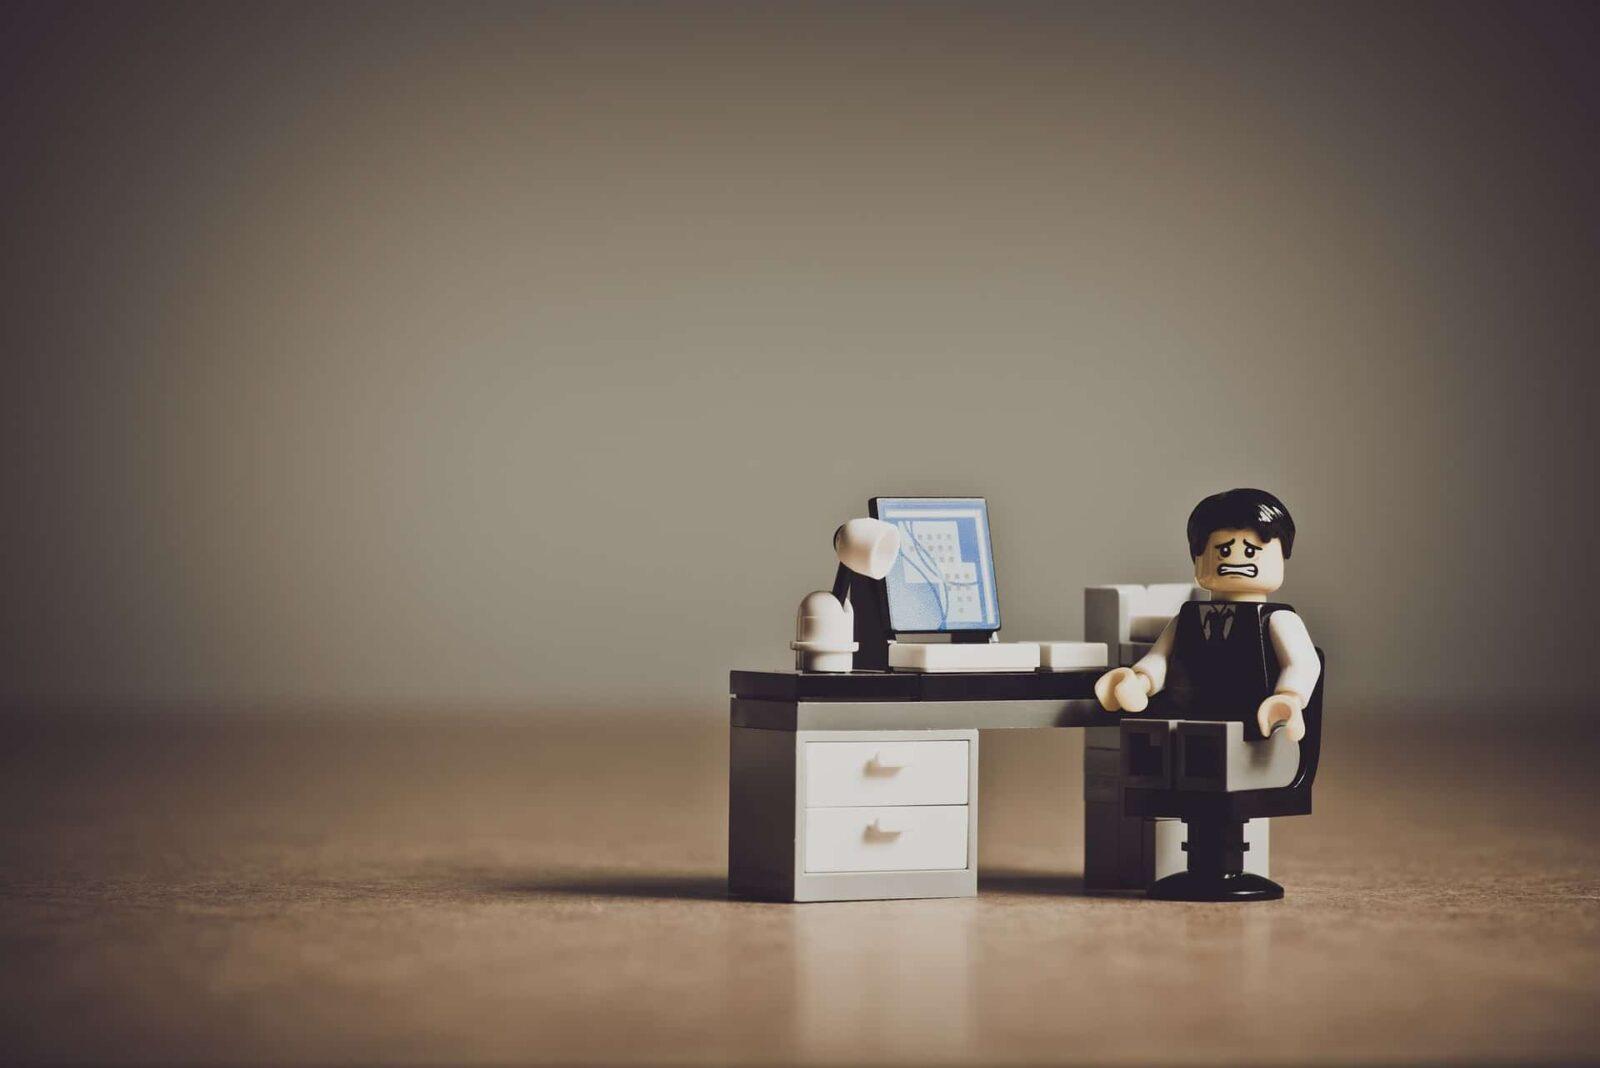 חרדה מג'וקים במקום העבודה